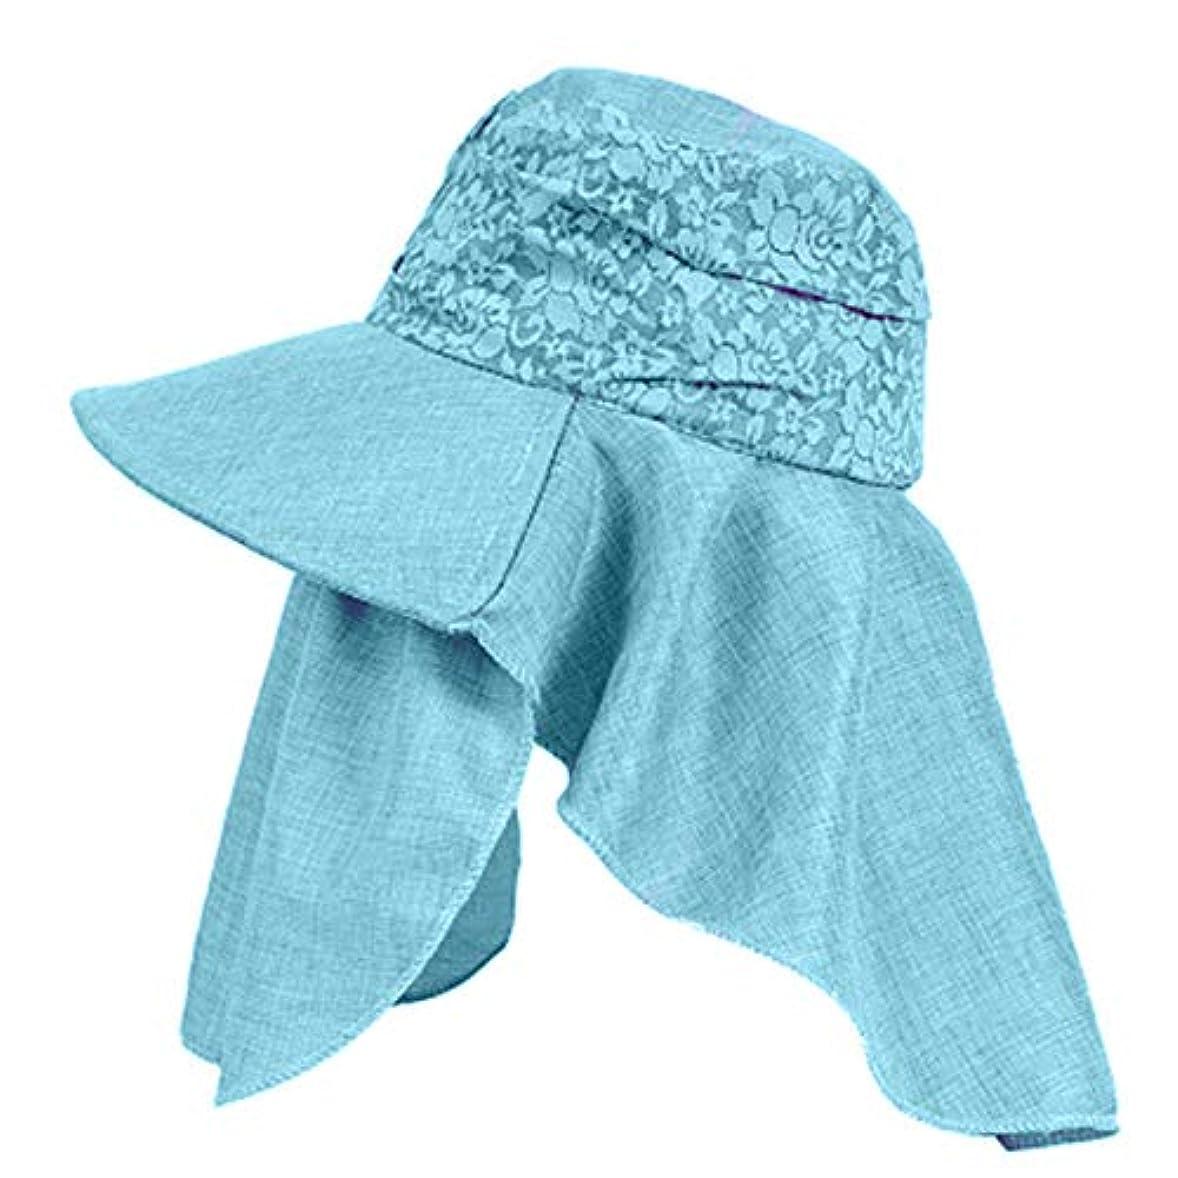 タクト報復する胴体Merssavo 女性の夏の日曜日の帽子、バイザーカバーの表面の反紫色のライン旅行日曜日の帽子、ガーデニング、ハイキング、旅行、1#